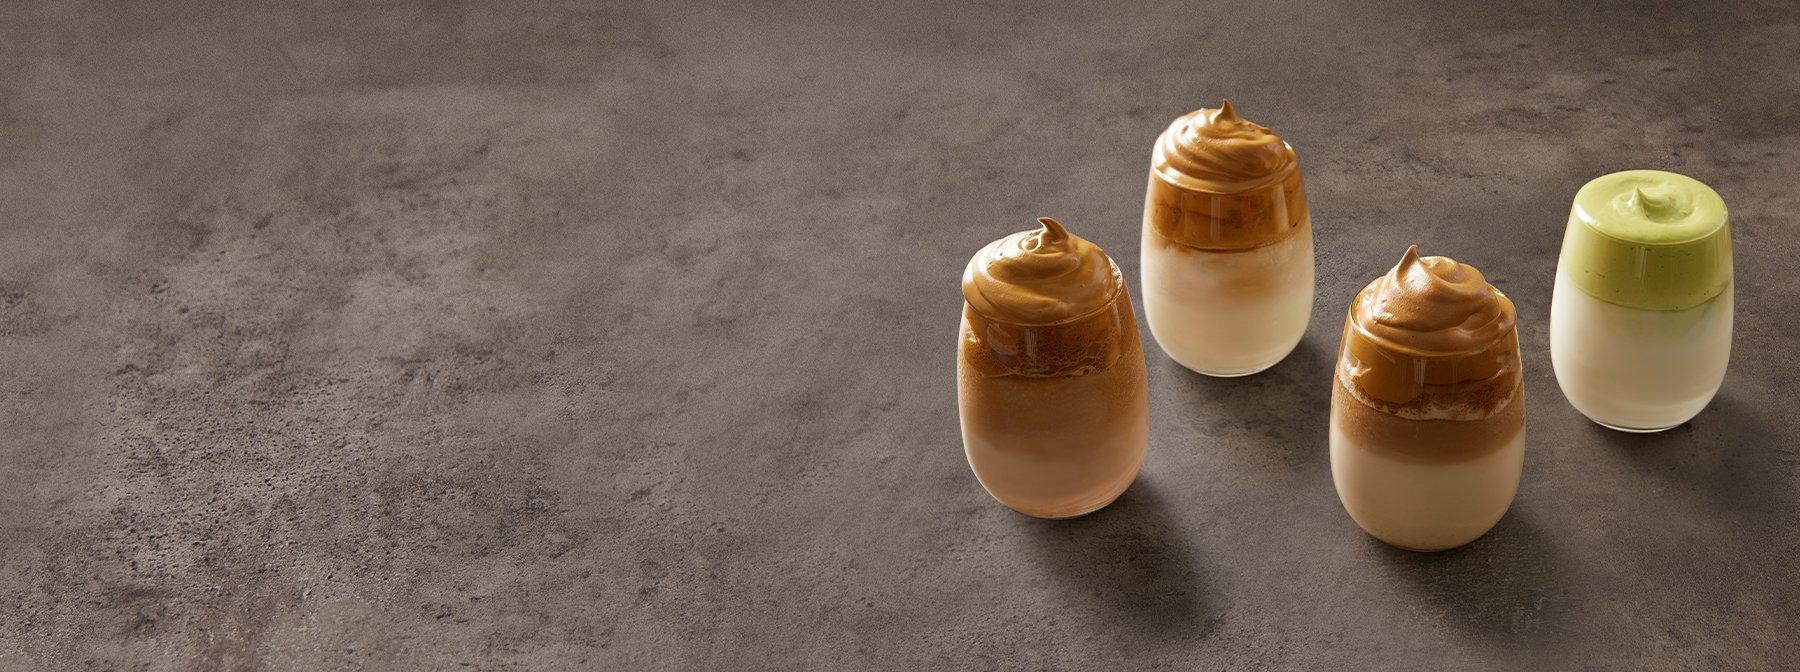 Протеиновый взбитый кофе I 2 способа приготовления